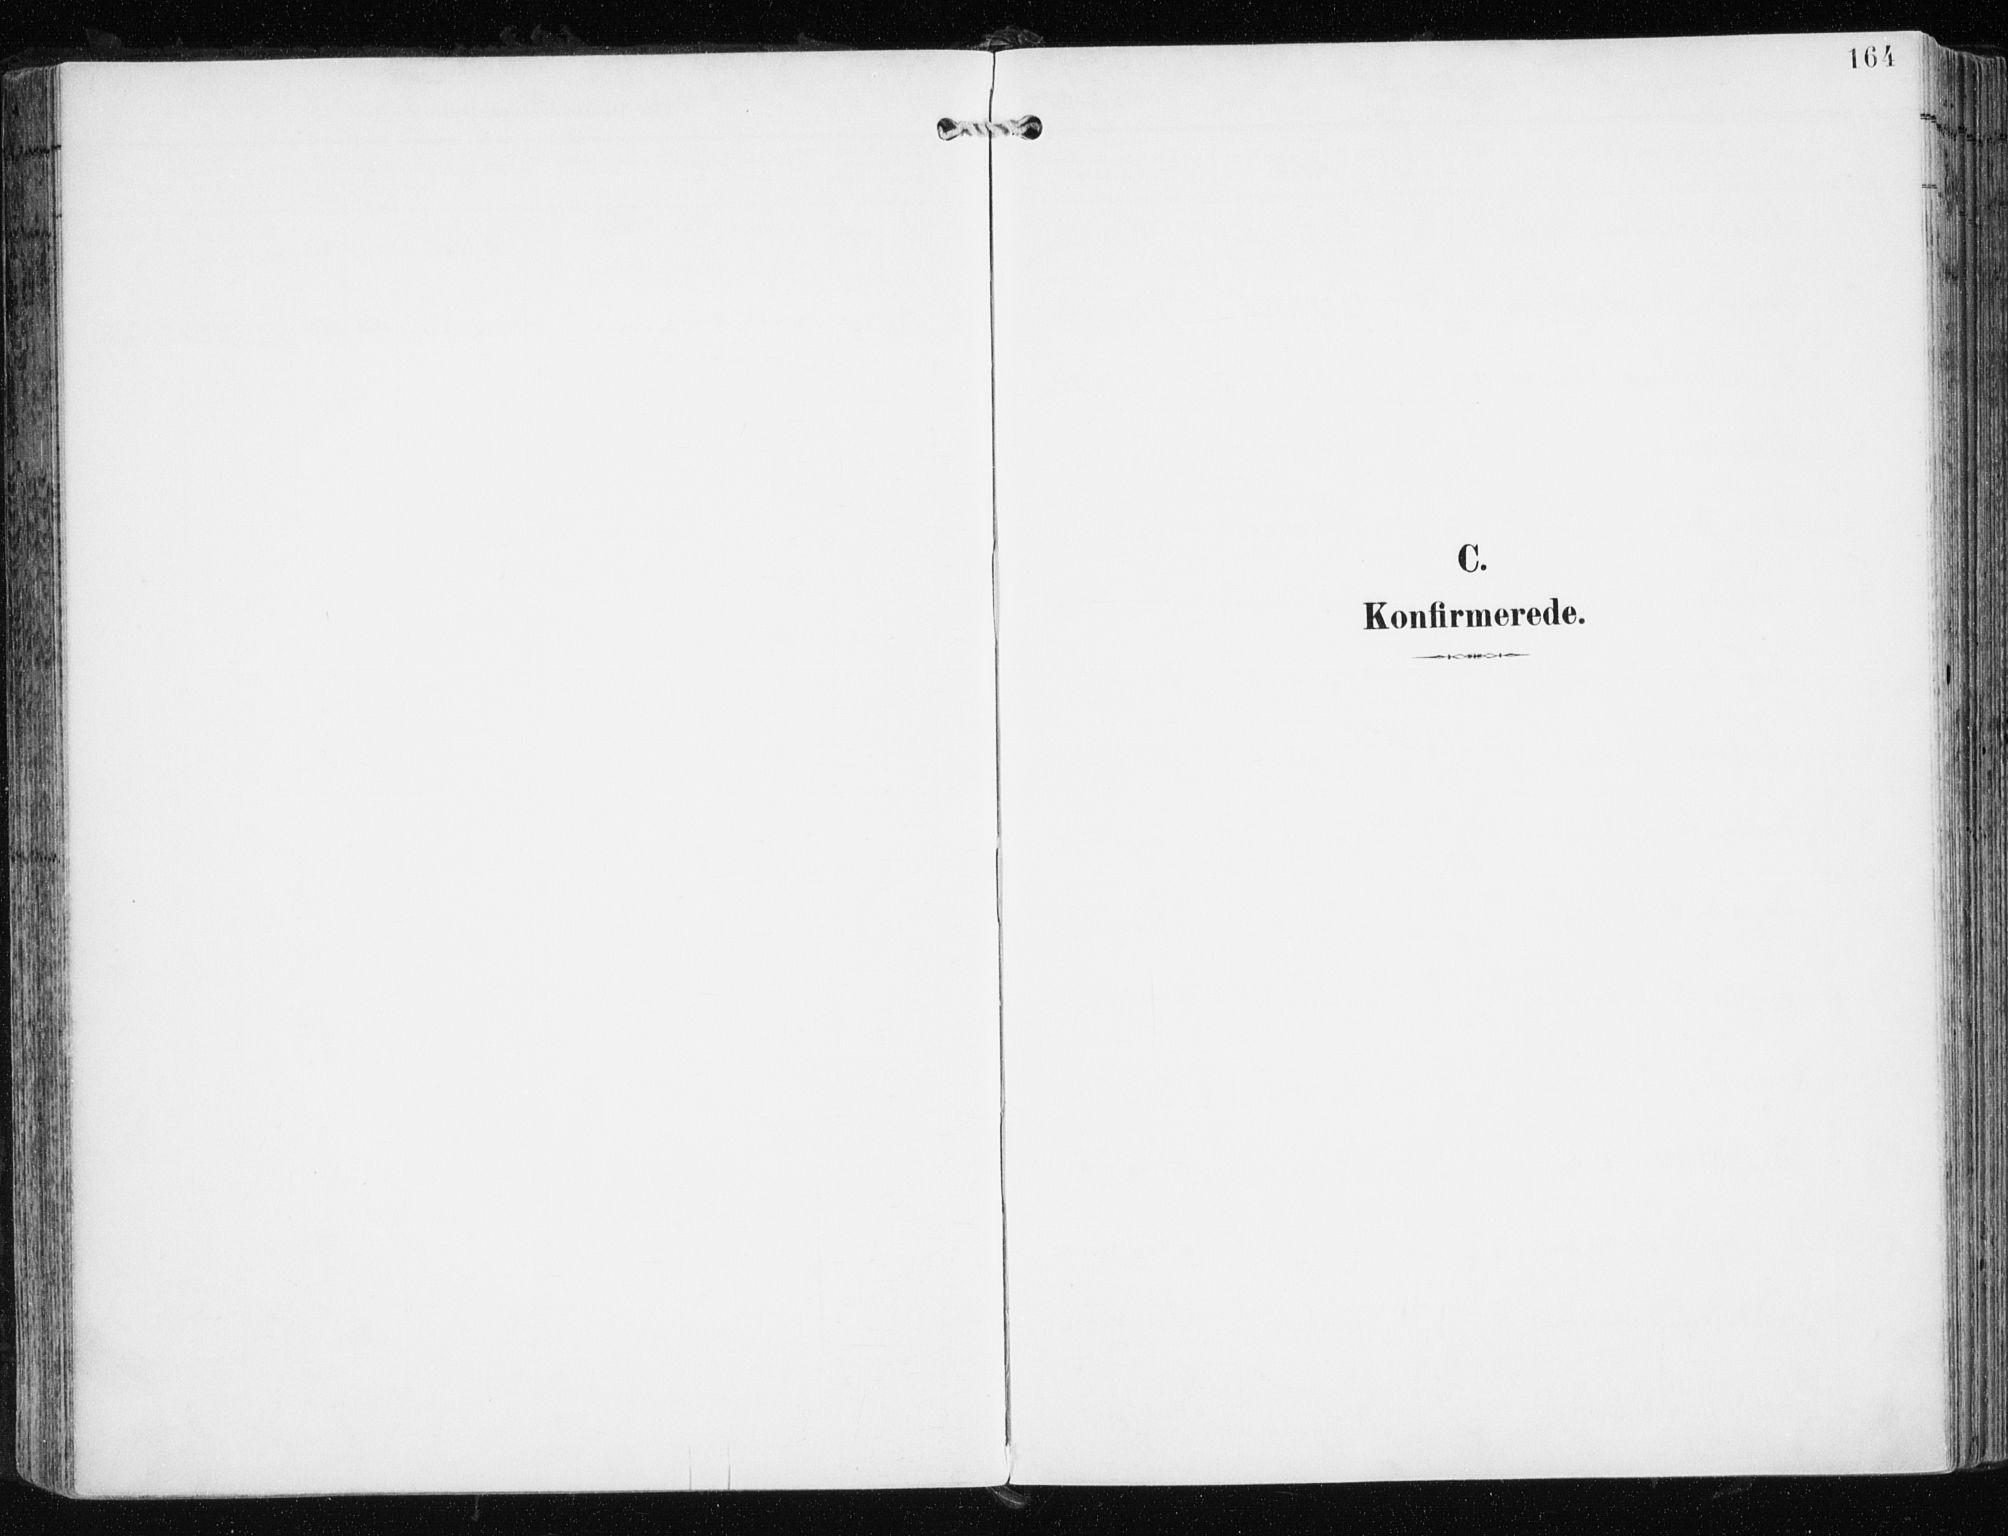 SATØ, Tromsøysund sokneprestkontor, G/Ga/L0006kirke: Ministerialbok nr. 6, 1897-1906, s. 164